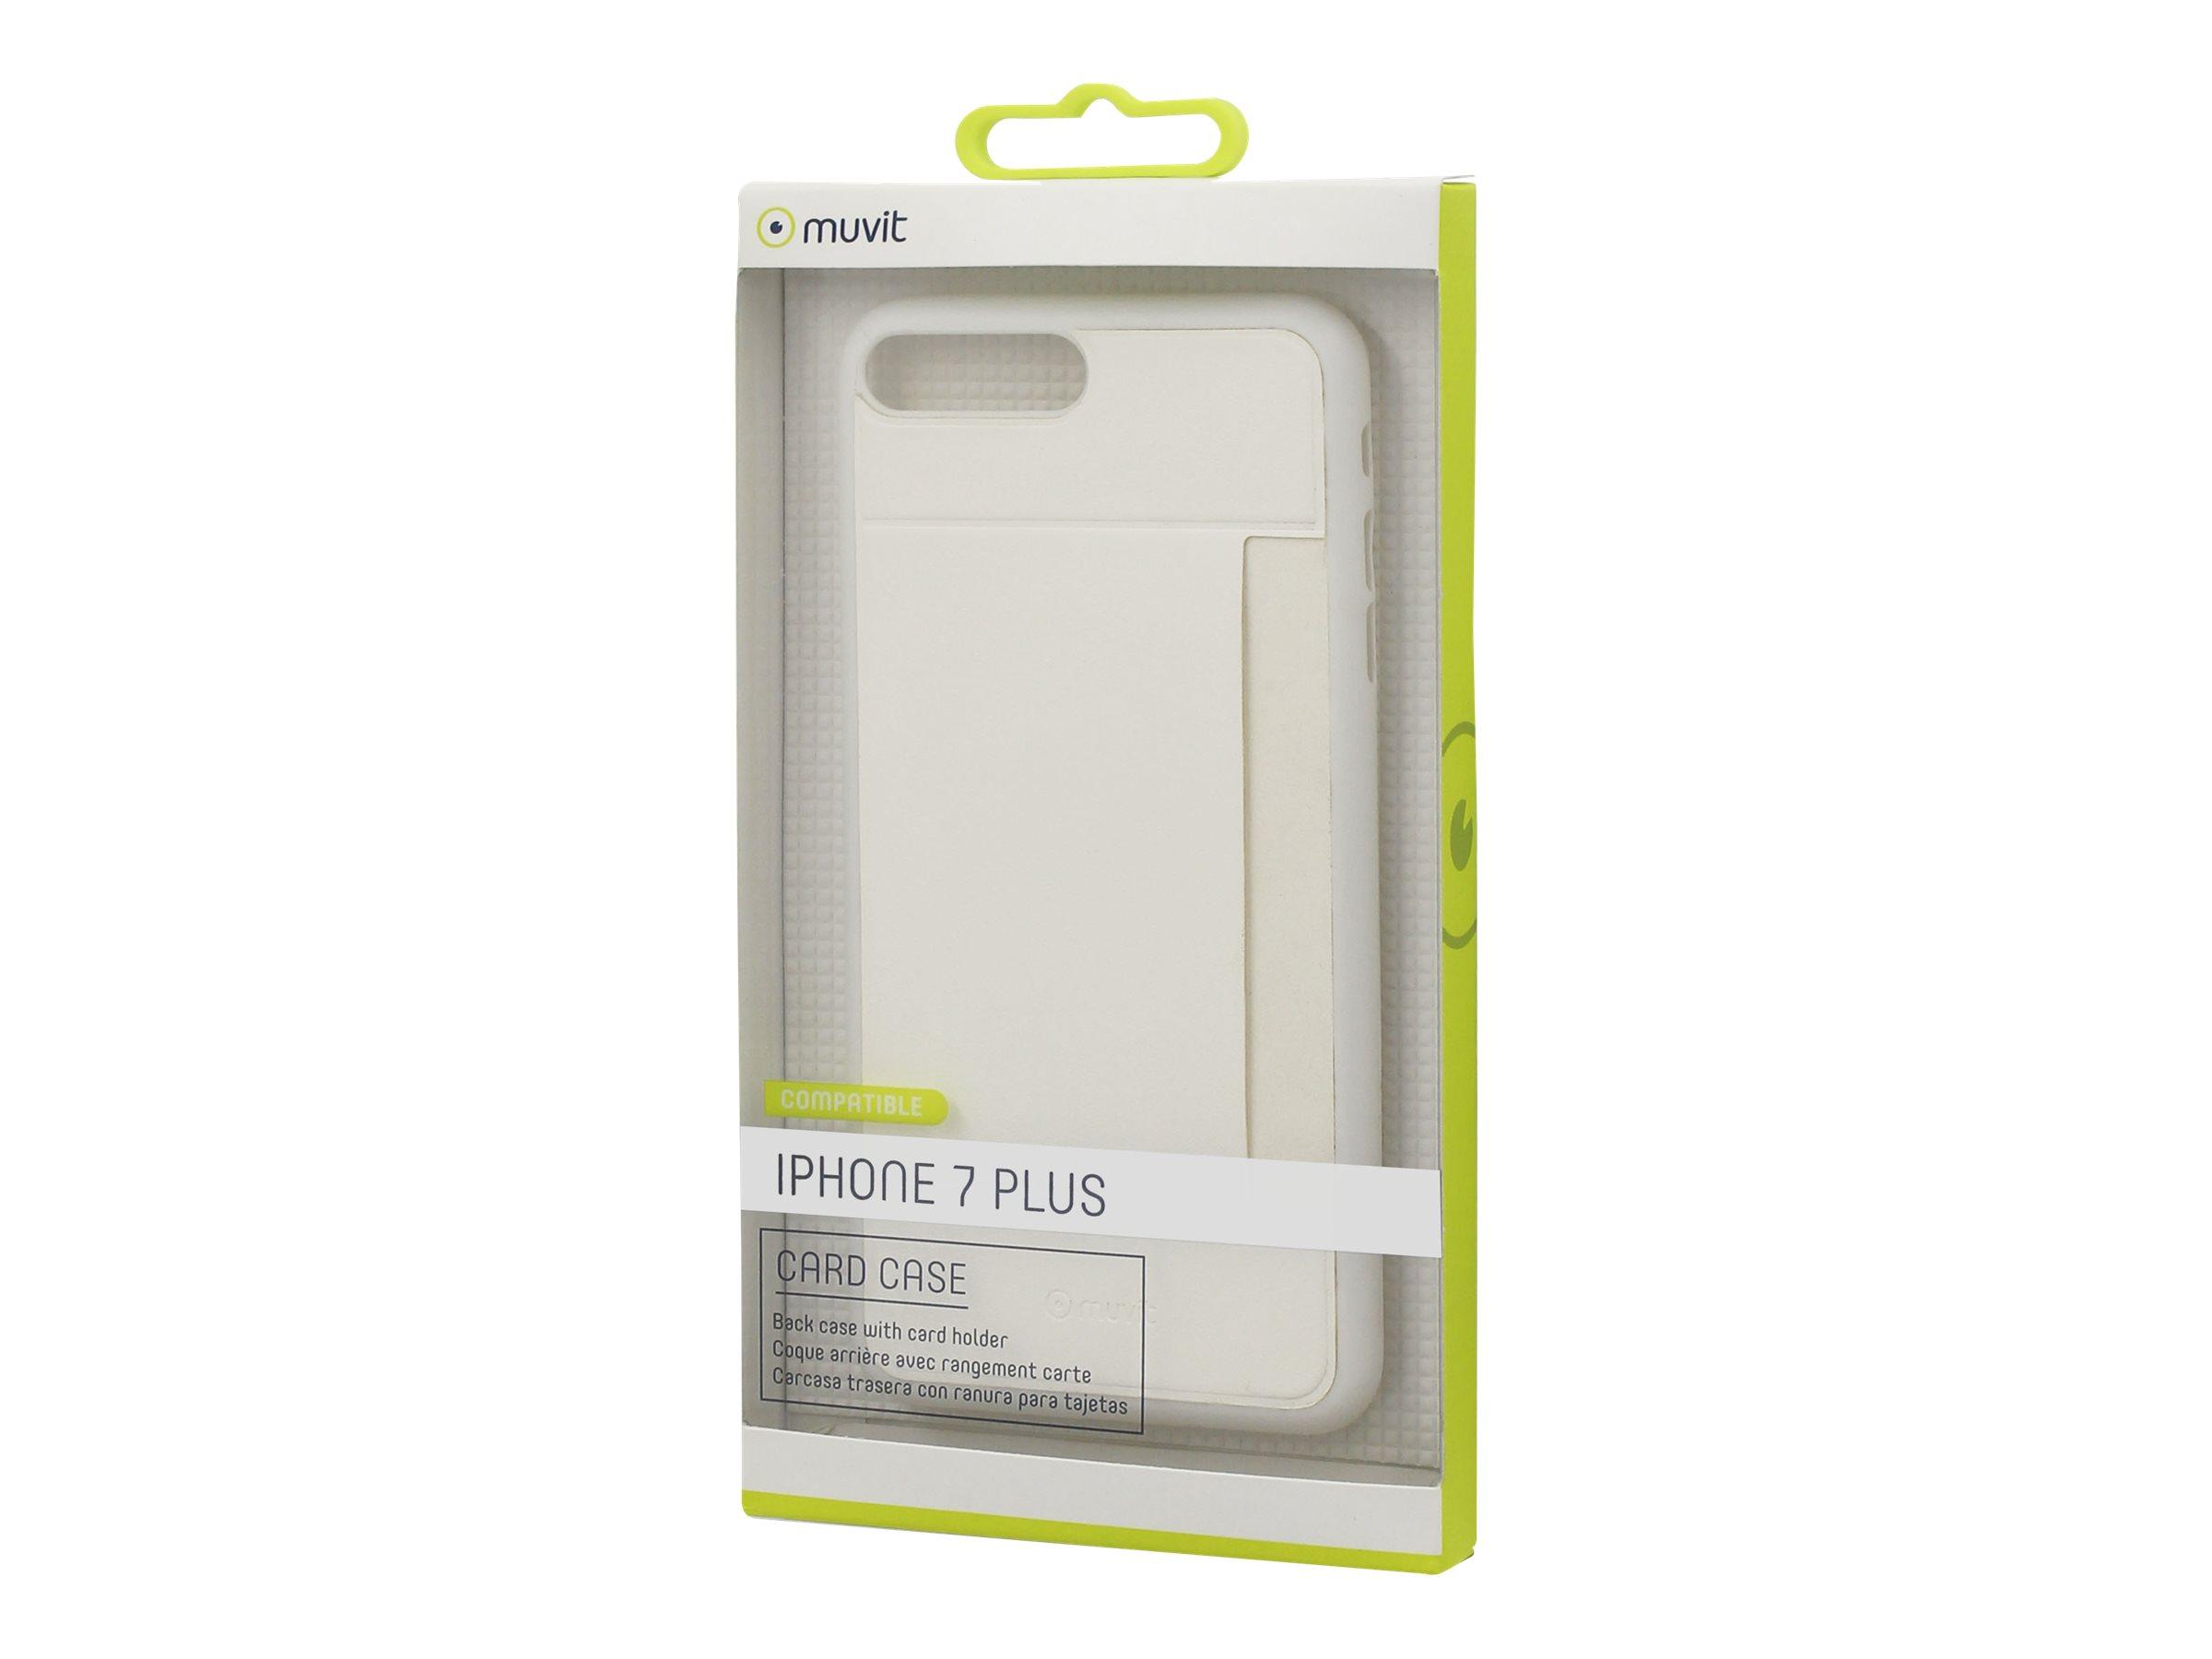 Muvit Card Case coque de protection pour téléphone portable